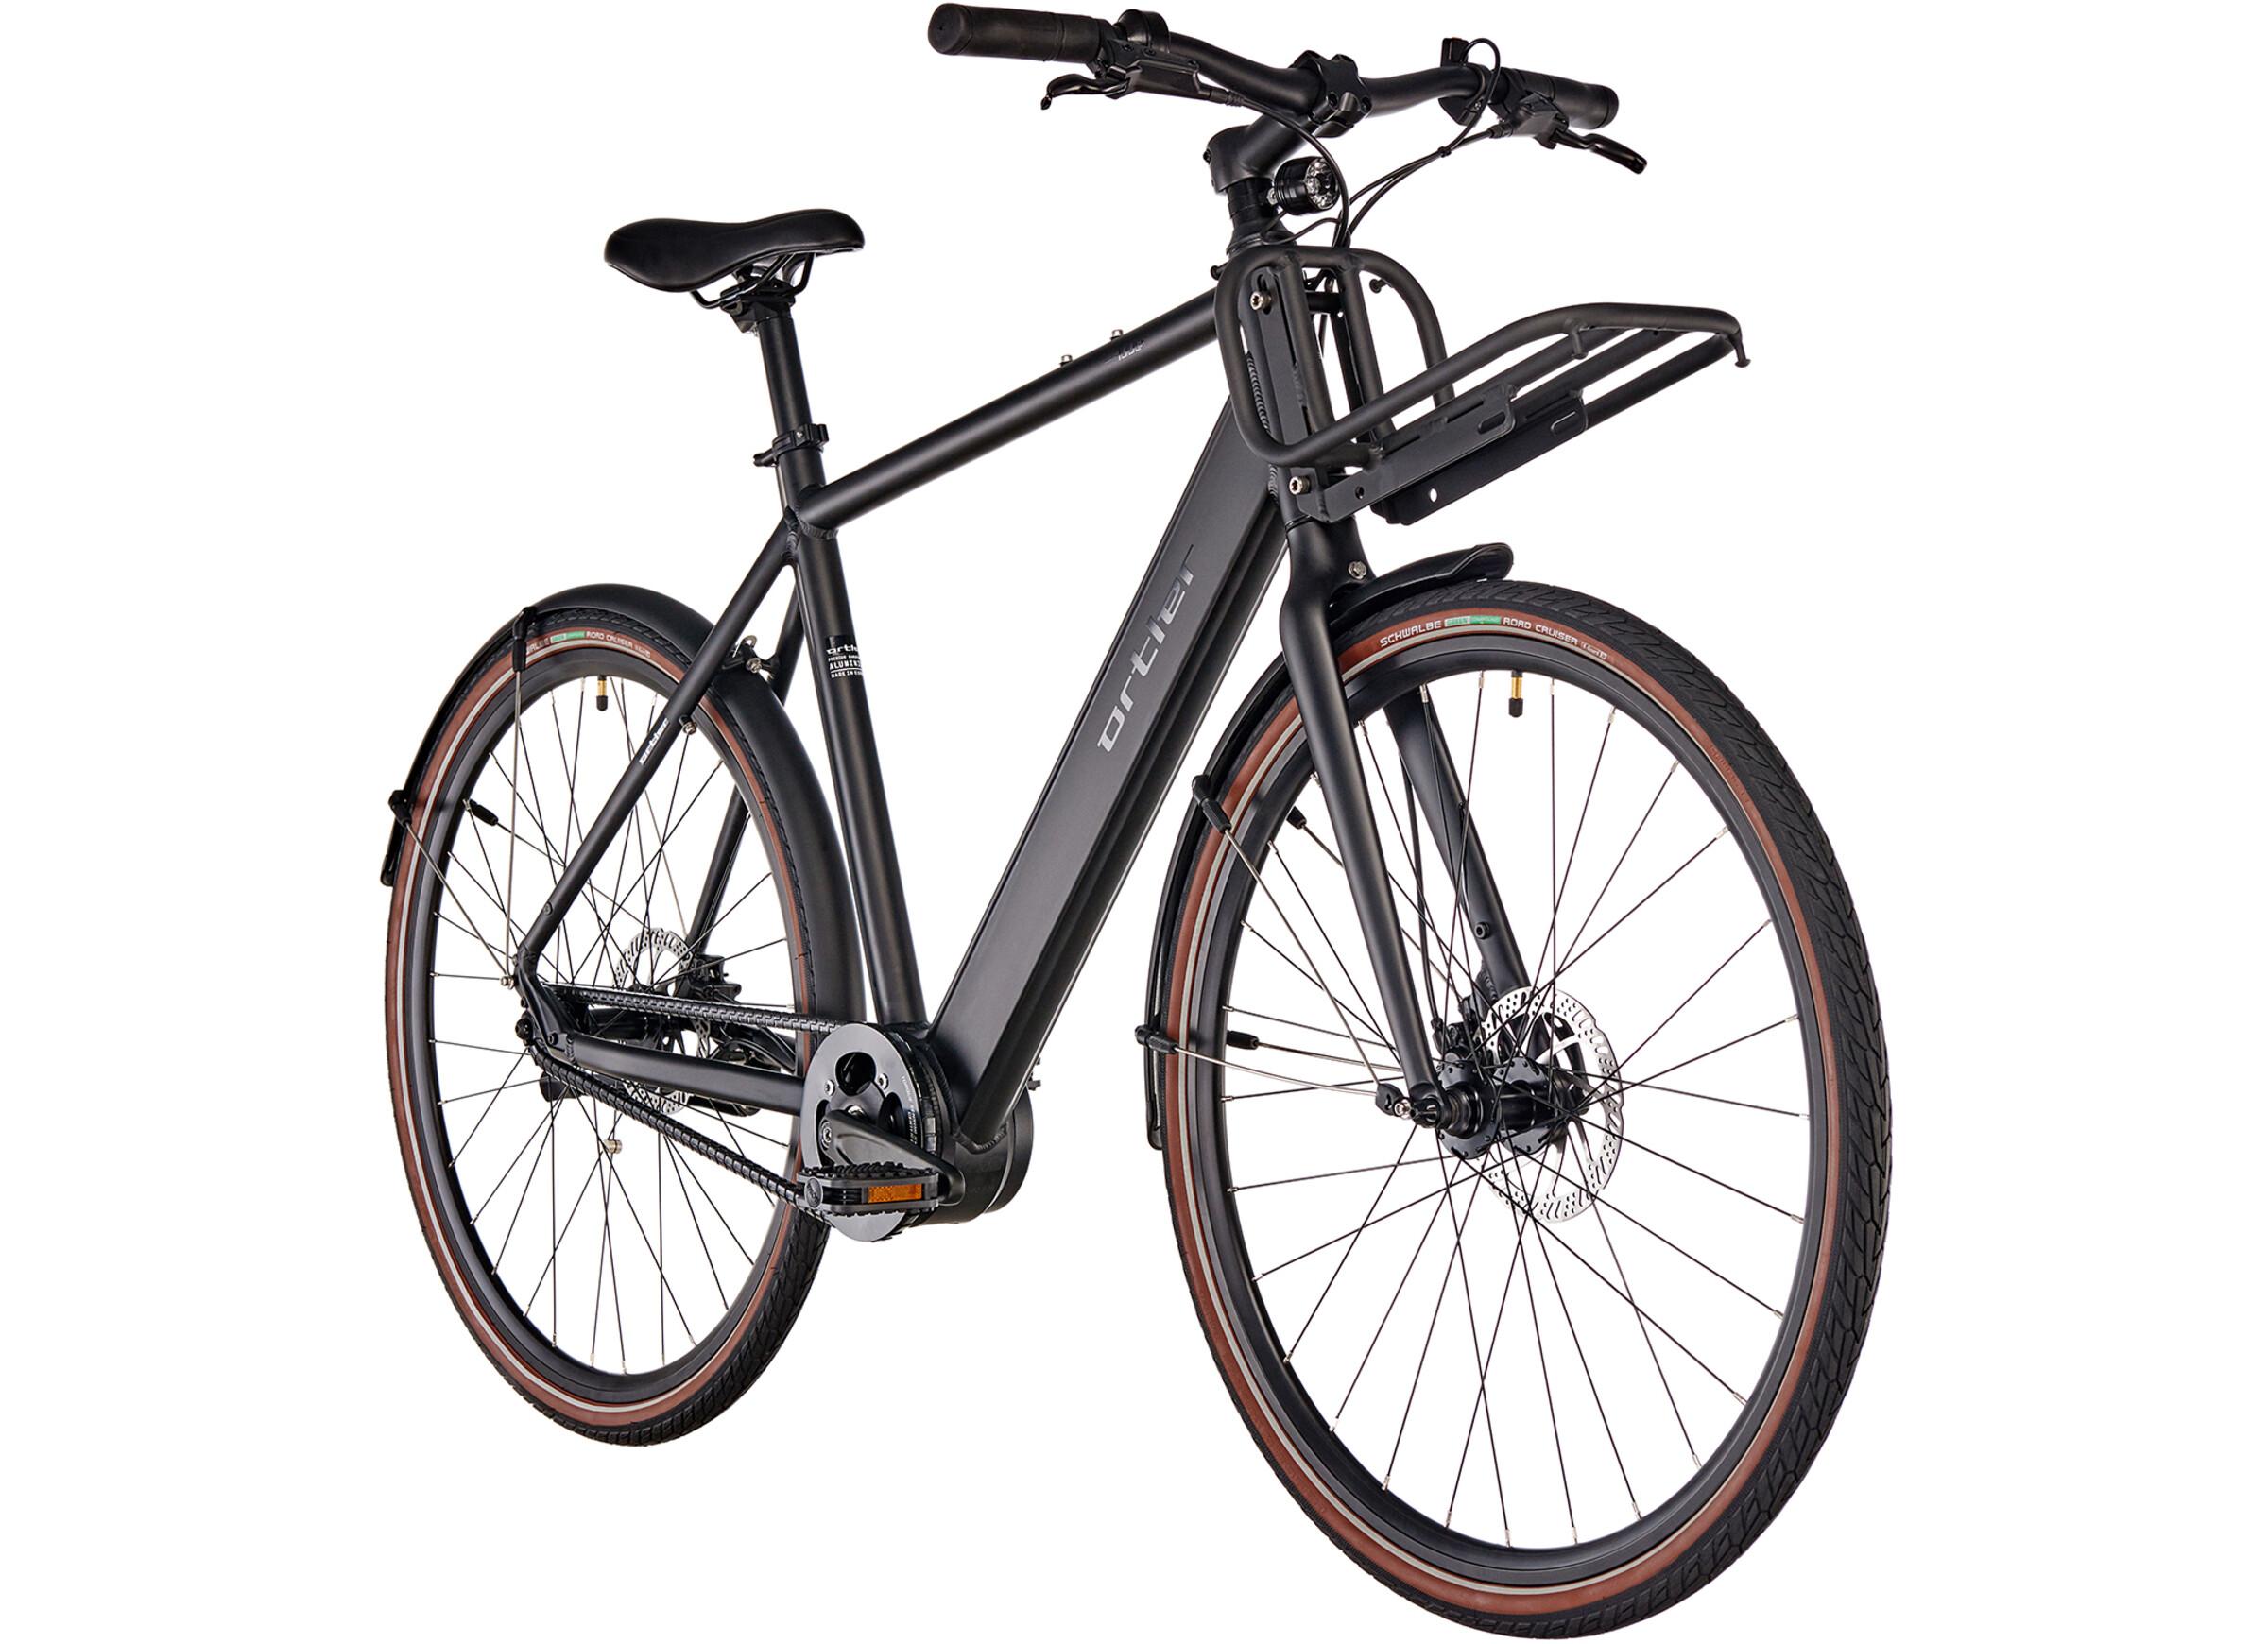 ortler ec700 e city bike black black at. Black Bedroom Furniture Sets. Home Design Ideas